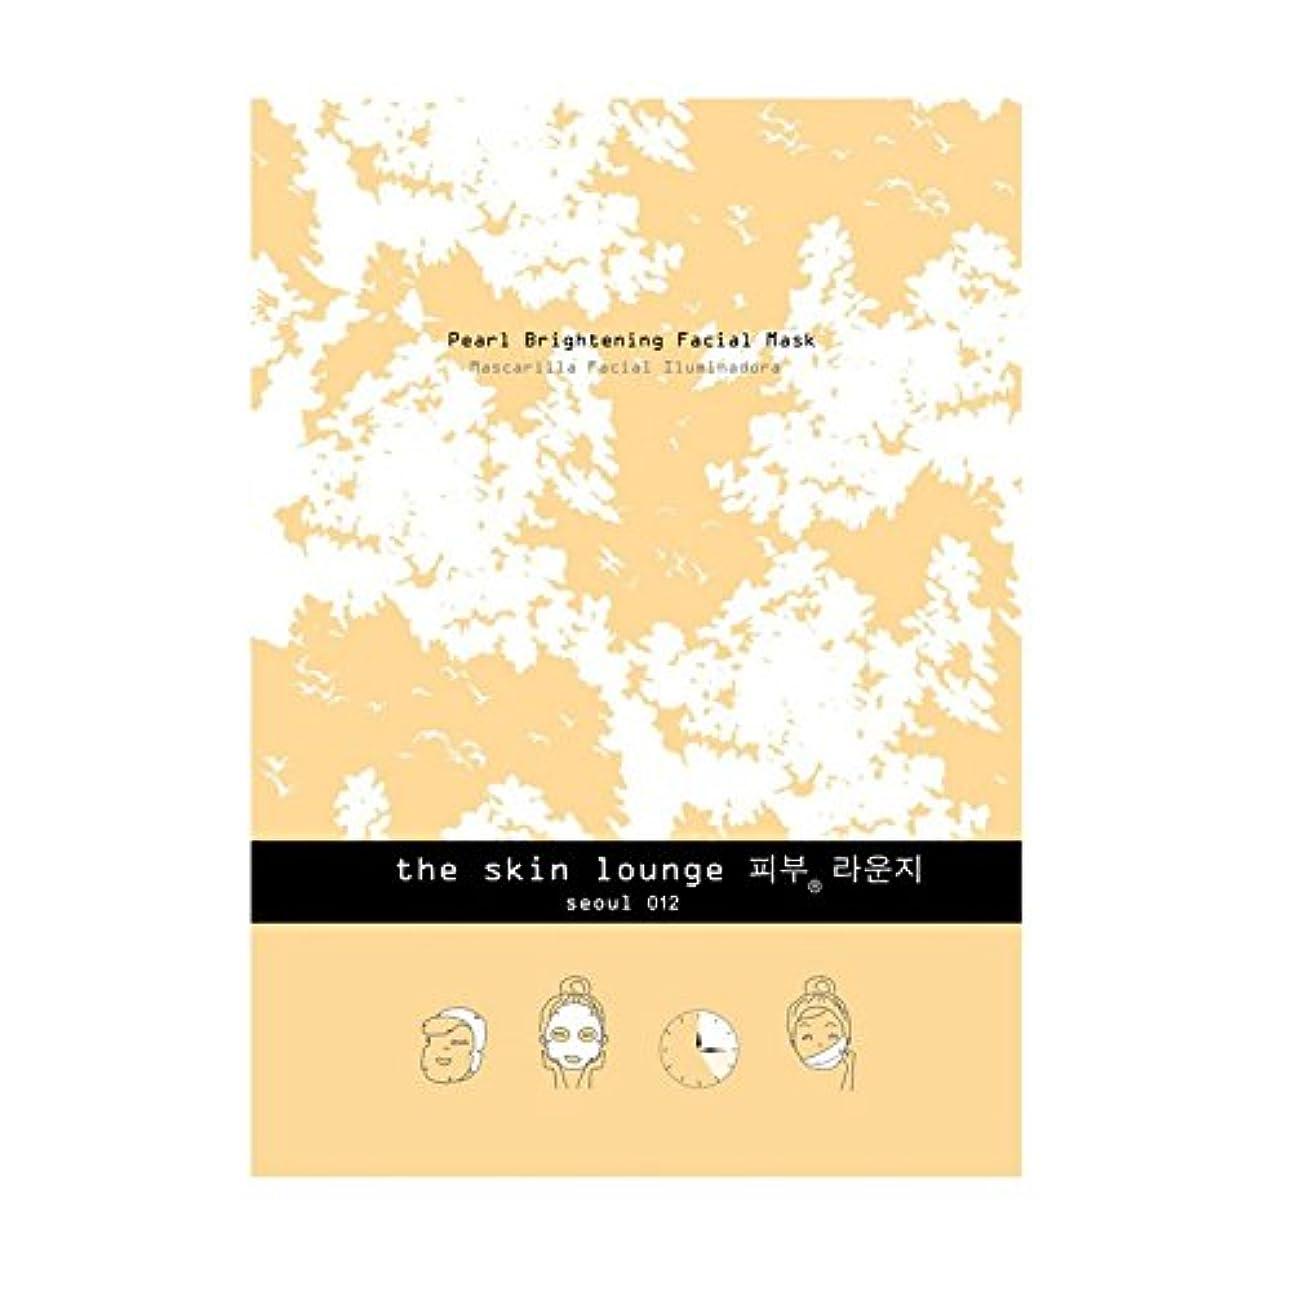 歯車ガジュマルスキーム単一セルロースマスクを明るく皮膚ラウンジ真珠 x4 - The Skin Lounge Pearl Brightening Single Cellulose Mask (Pack of 4) [並行輸入品]